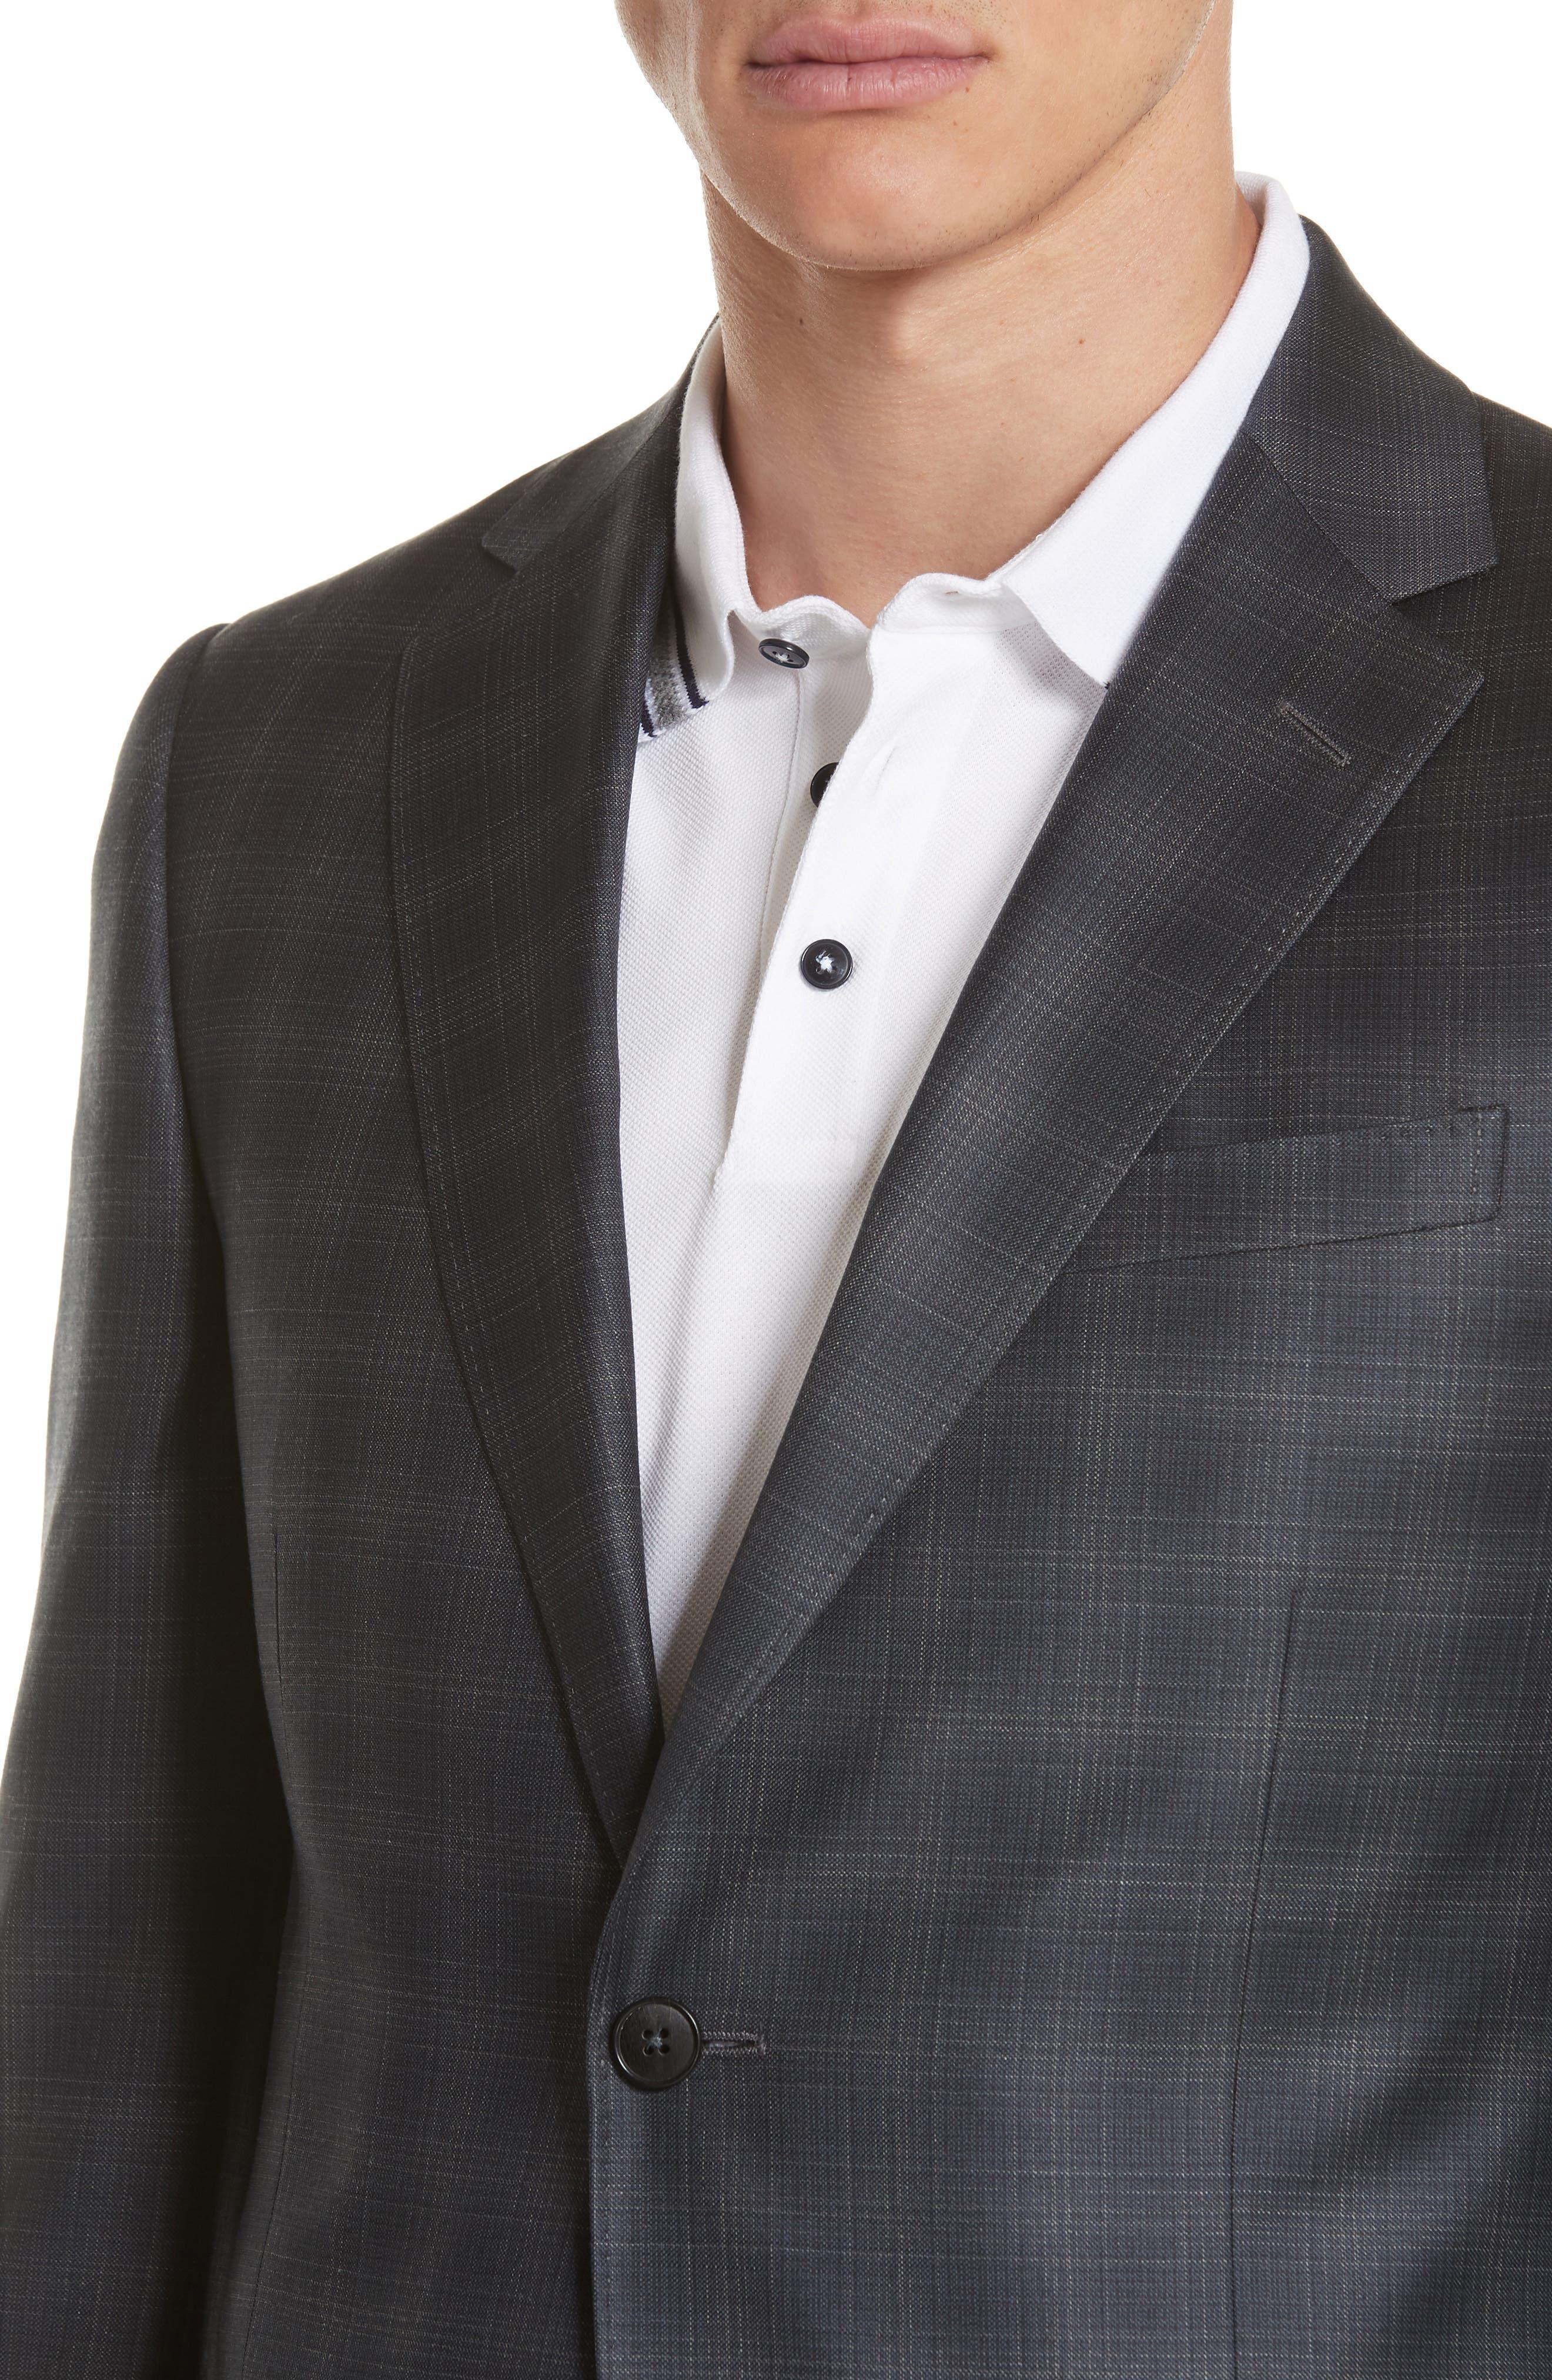 Trim Fit Plaid Wool Sport Coat,                             Alternate thumbnail 4, color,